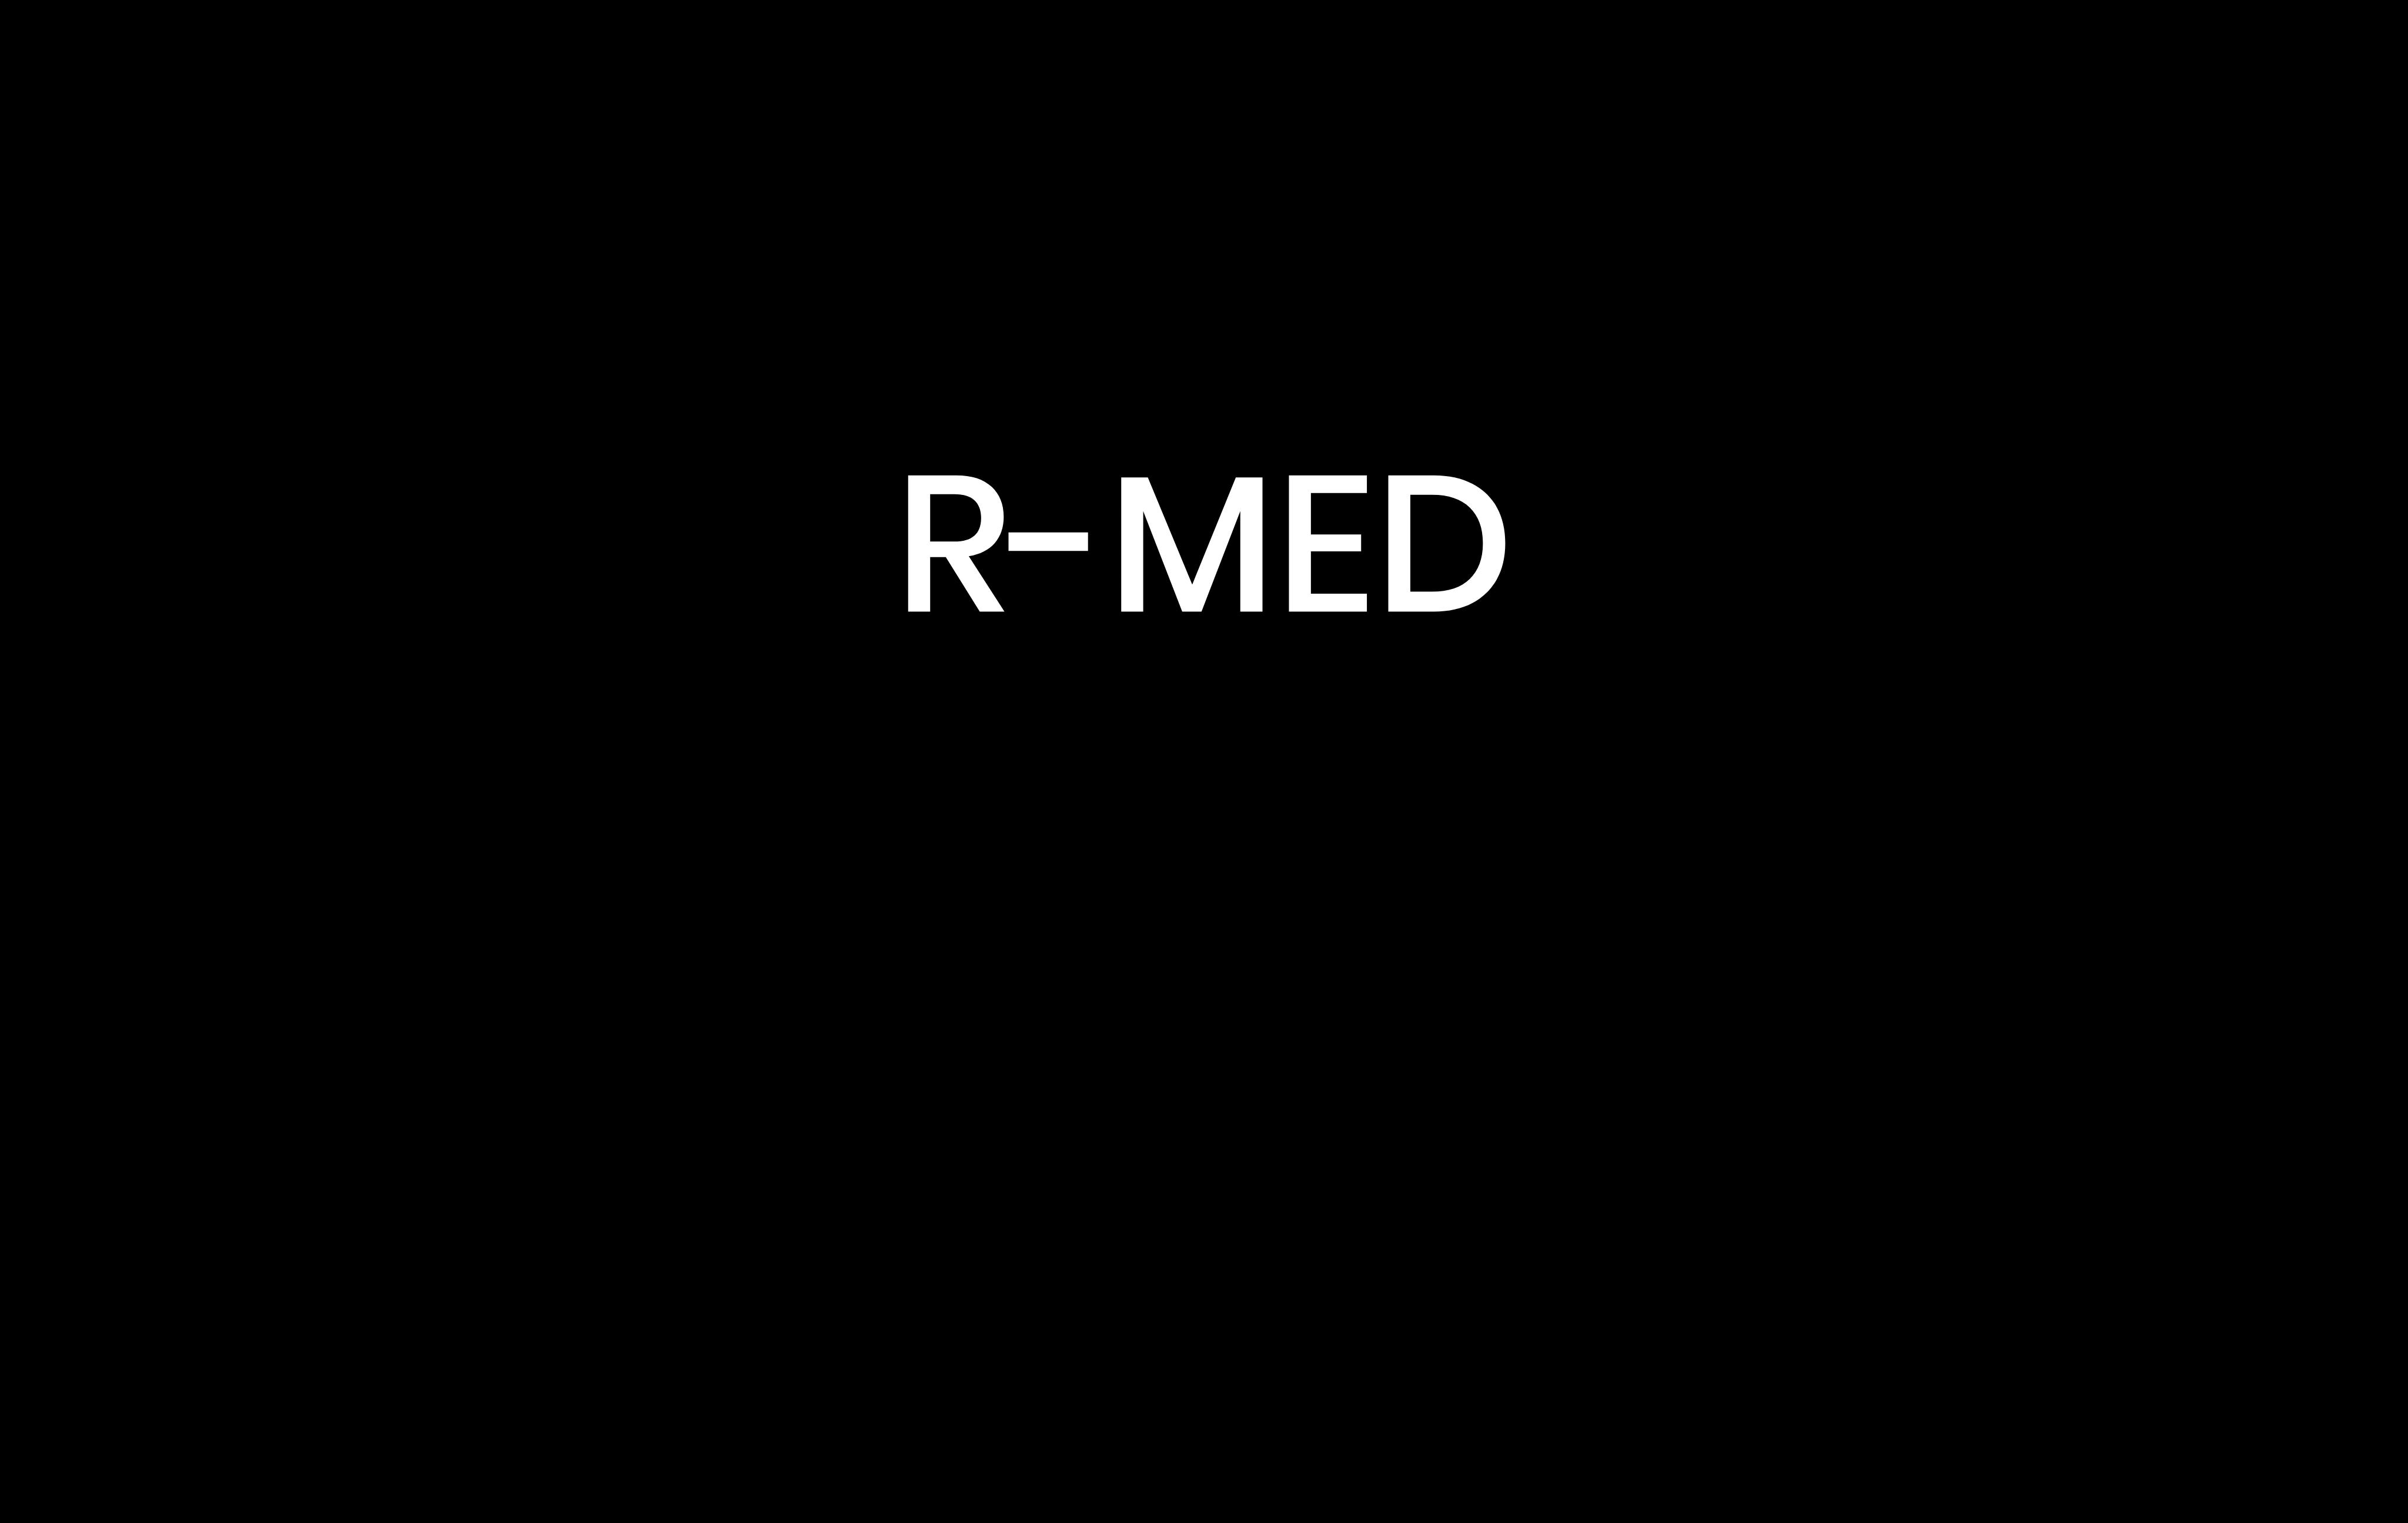 R-med logo